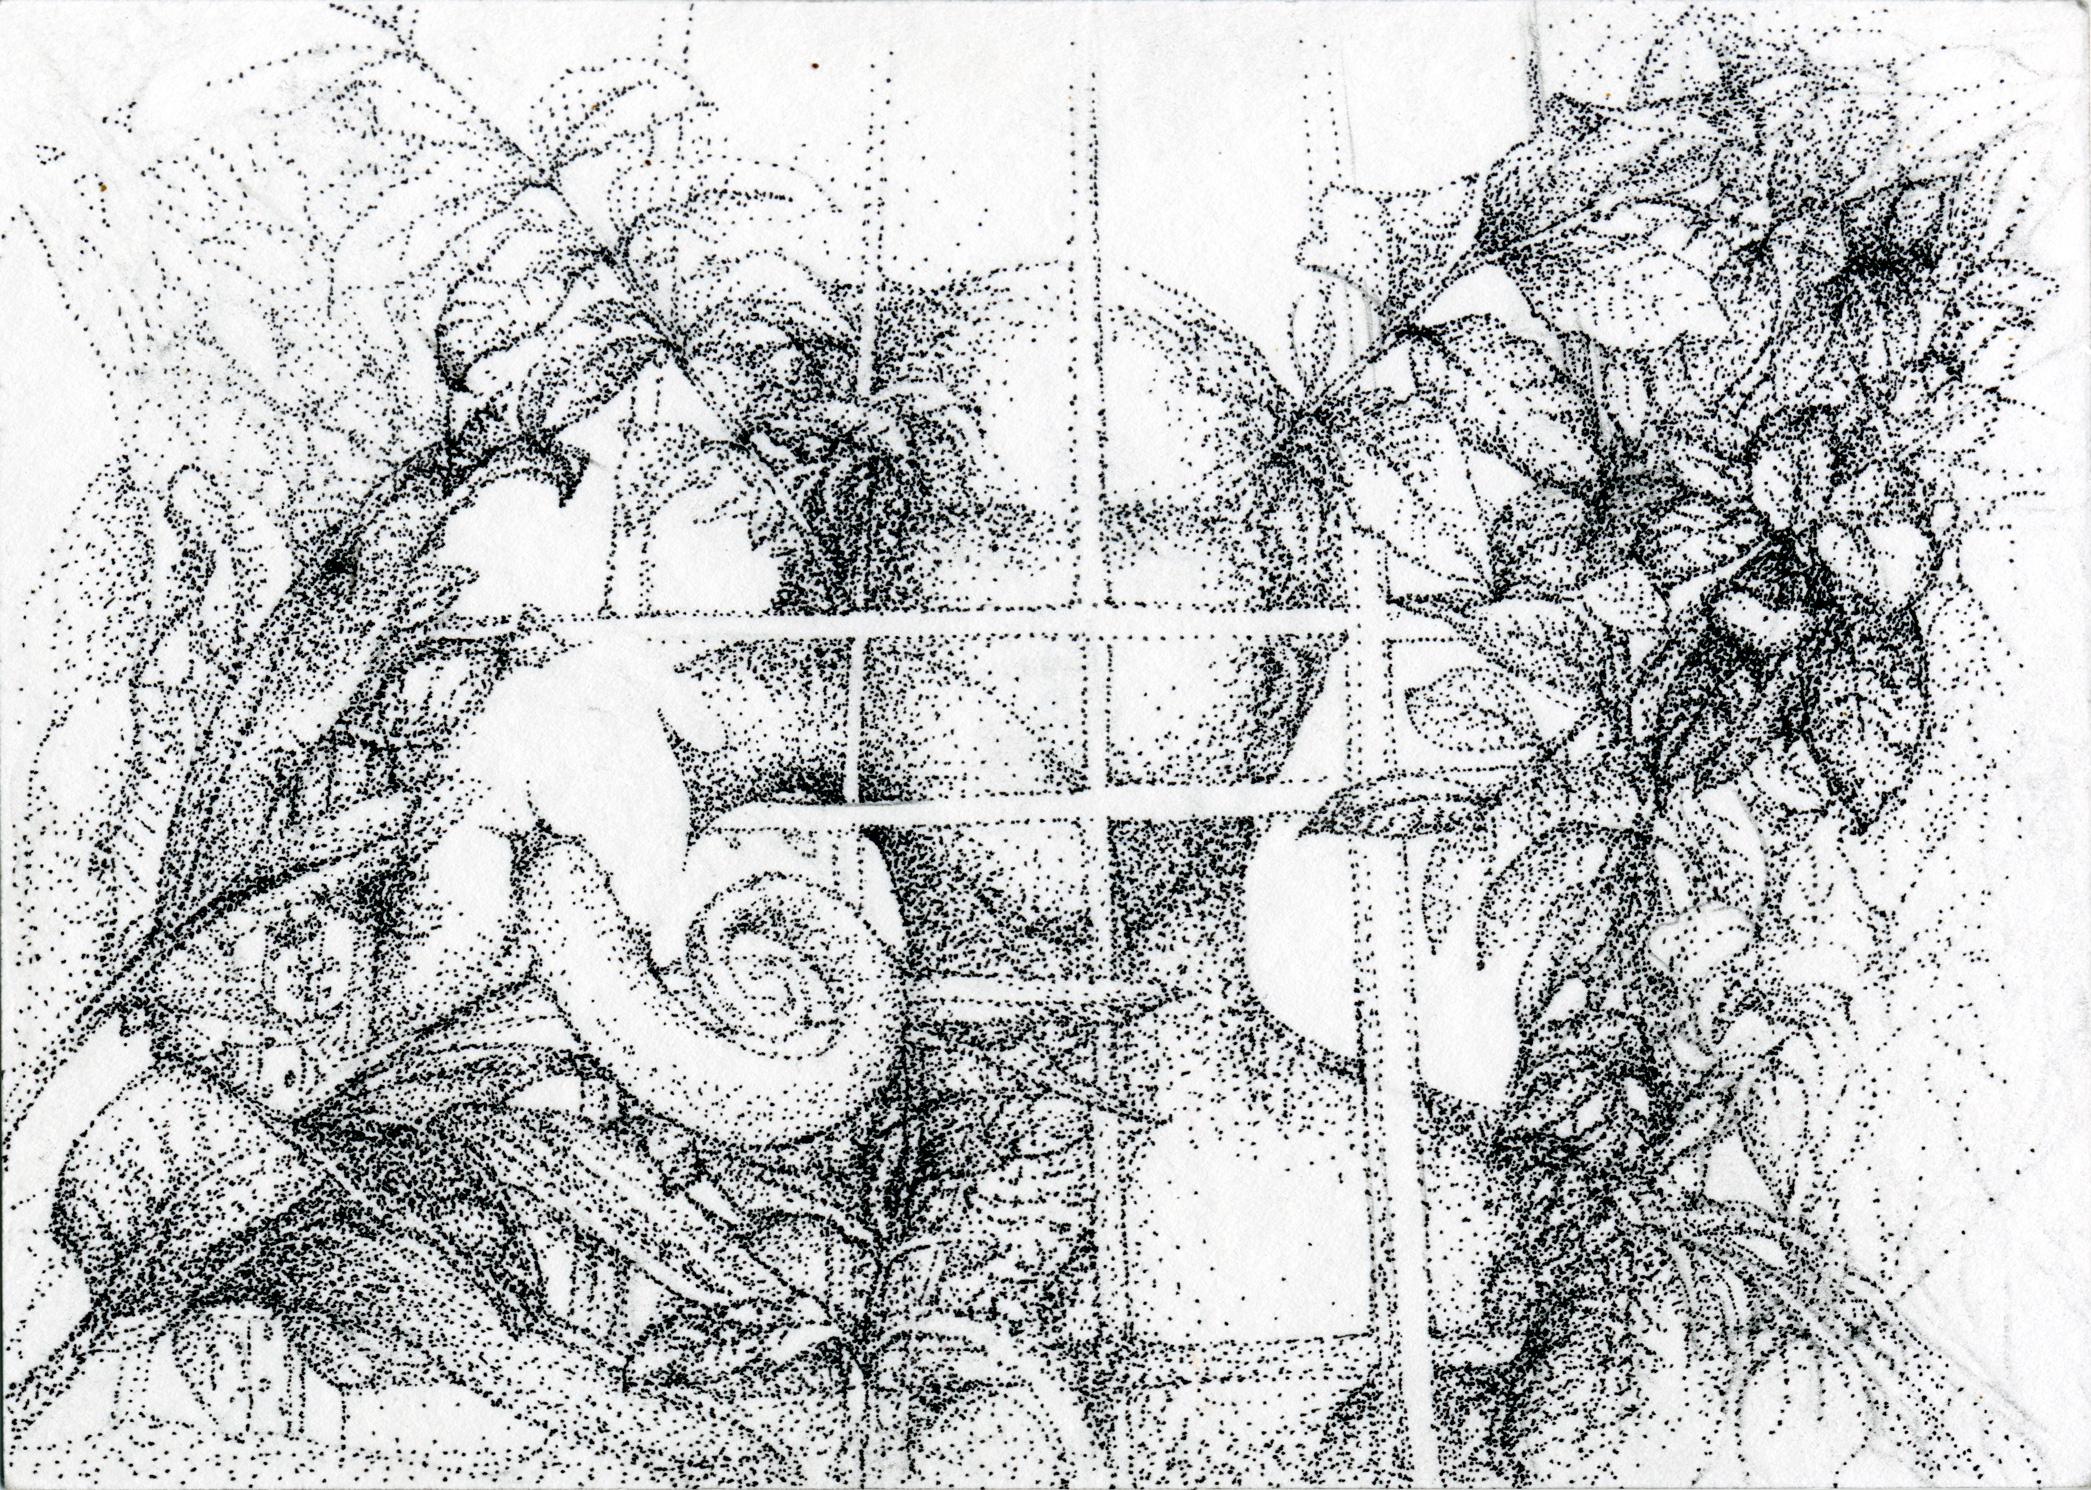 Caprice numéro 2, dessin à l'encre sur papier, 15x10cm, 2016.